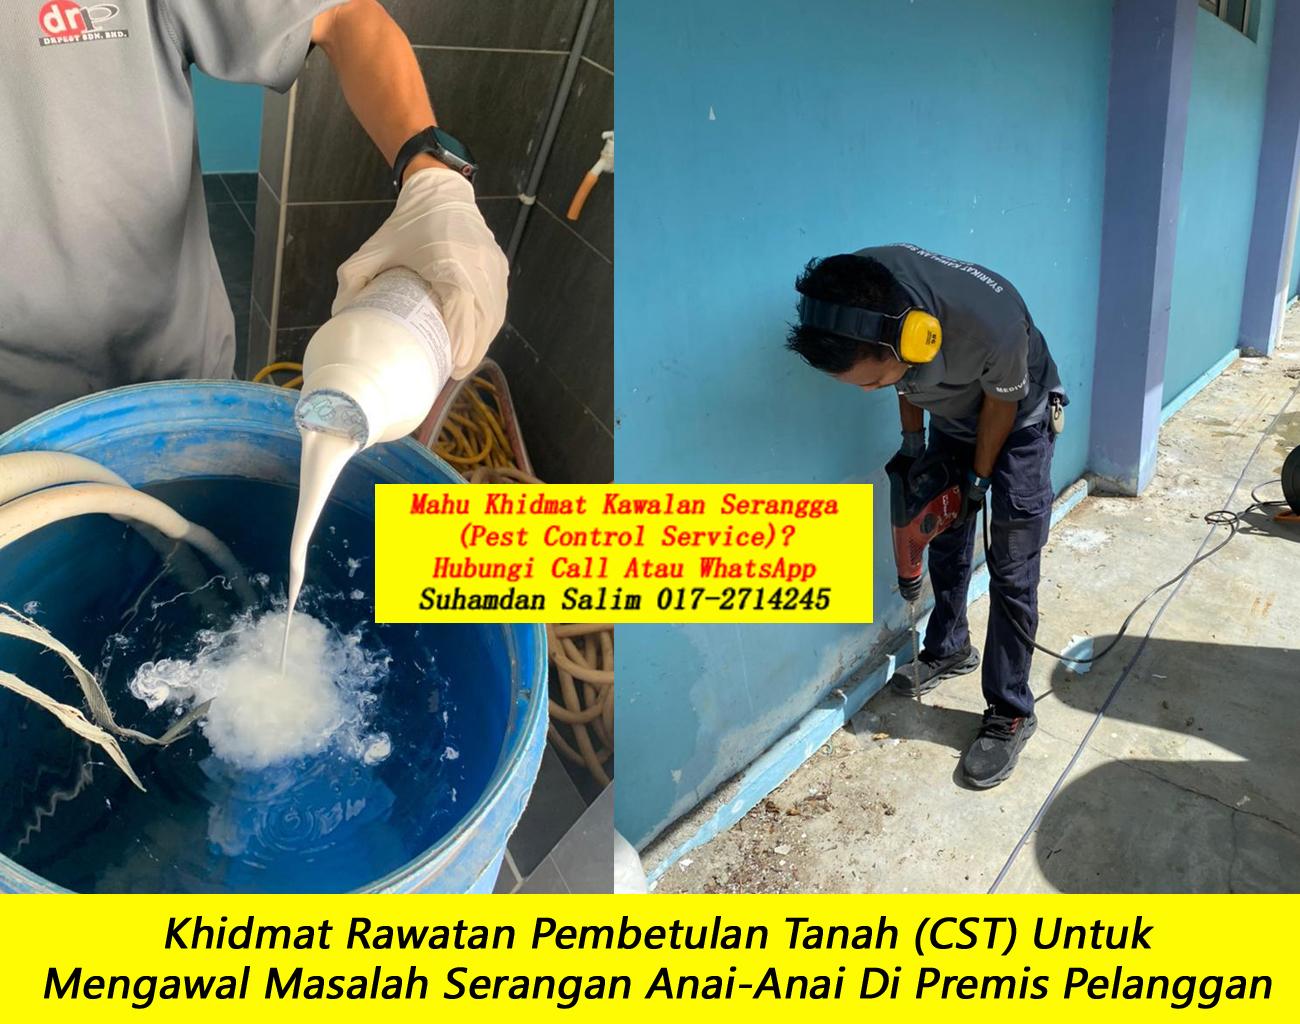 khidmat rawatan dan pencegahan masalah anai anai di Chow Kit kl oleh syarikat kawalan serangga company pest control kawalan anai anai yang berkesan terbaik di felda